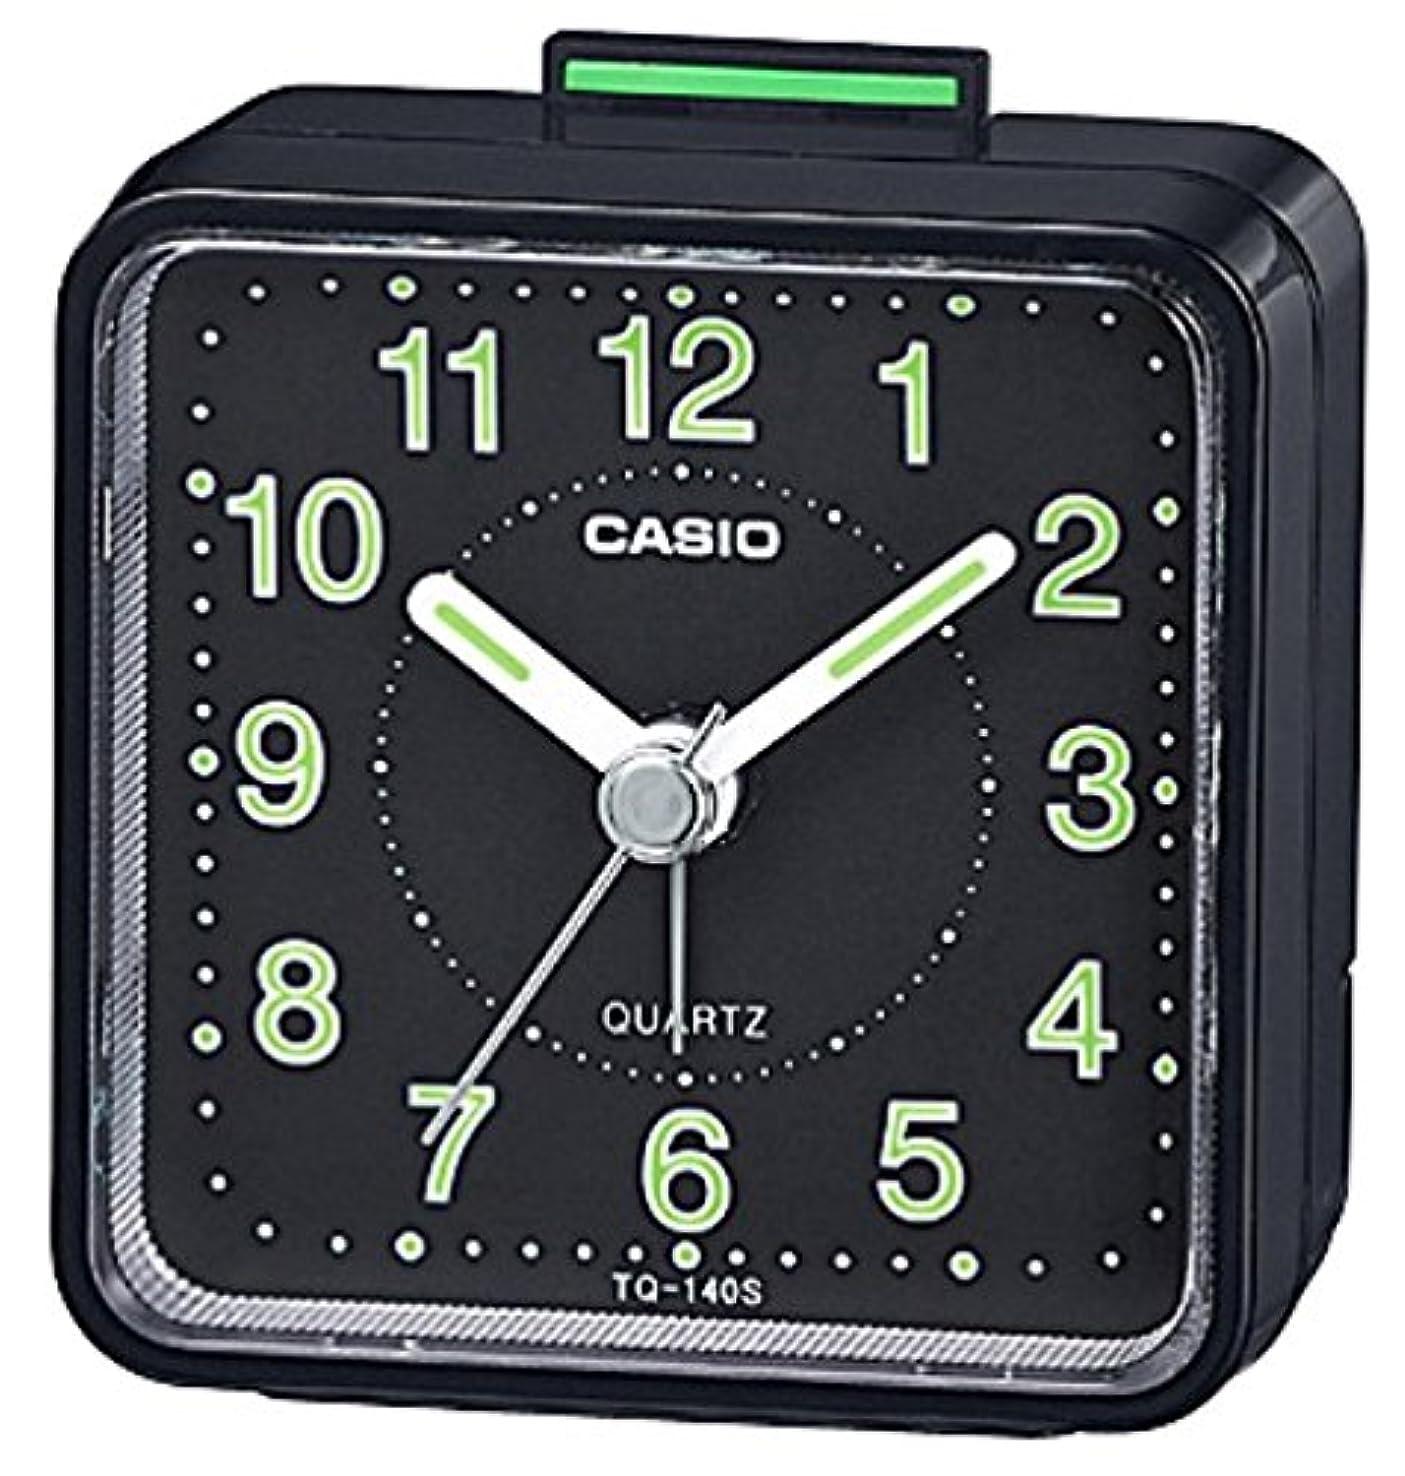 くそーことわざ原点IvyOnly 時計 掛け時計 おしゃれ デザイン レトロ 静音 大文字 アナログ 北欧 侘寂 シンプル カフェ 店舗 家 掛時計